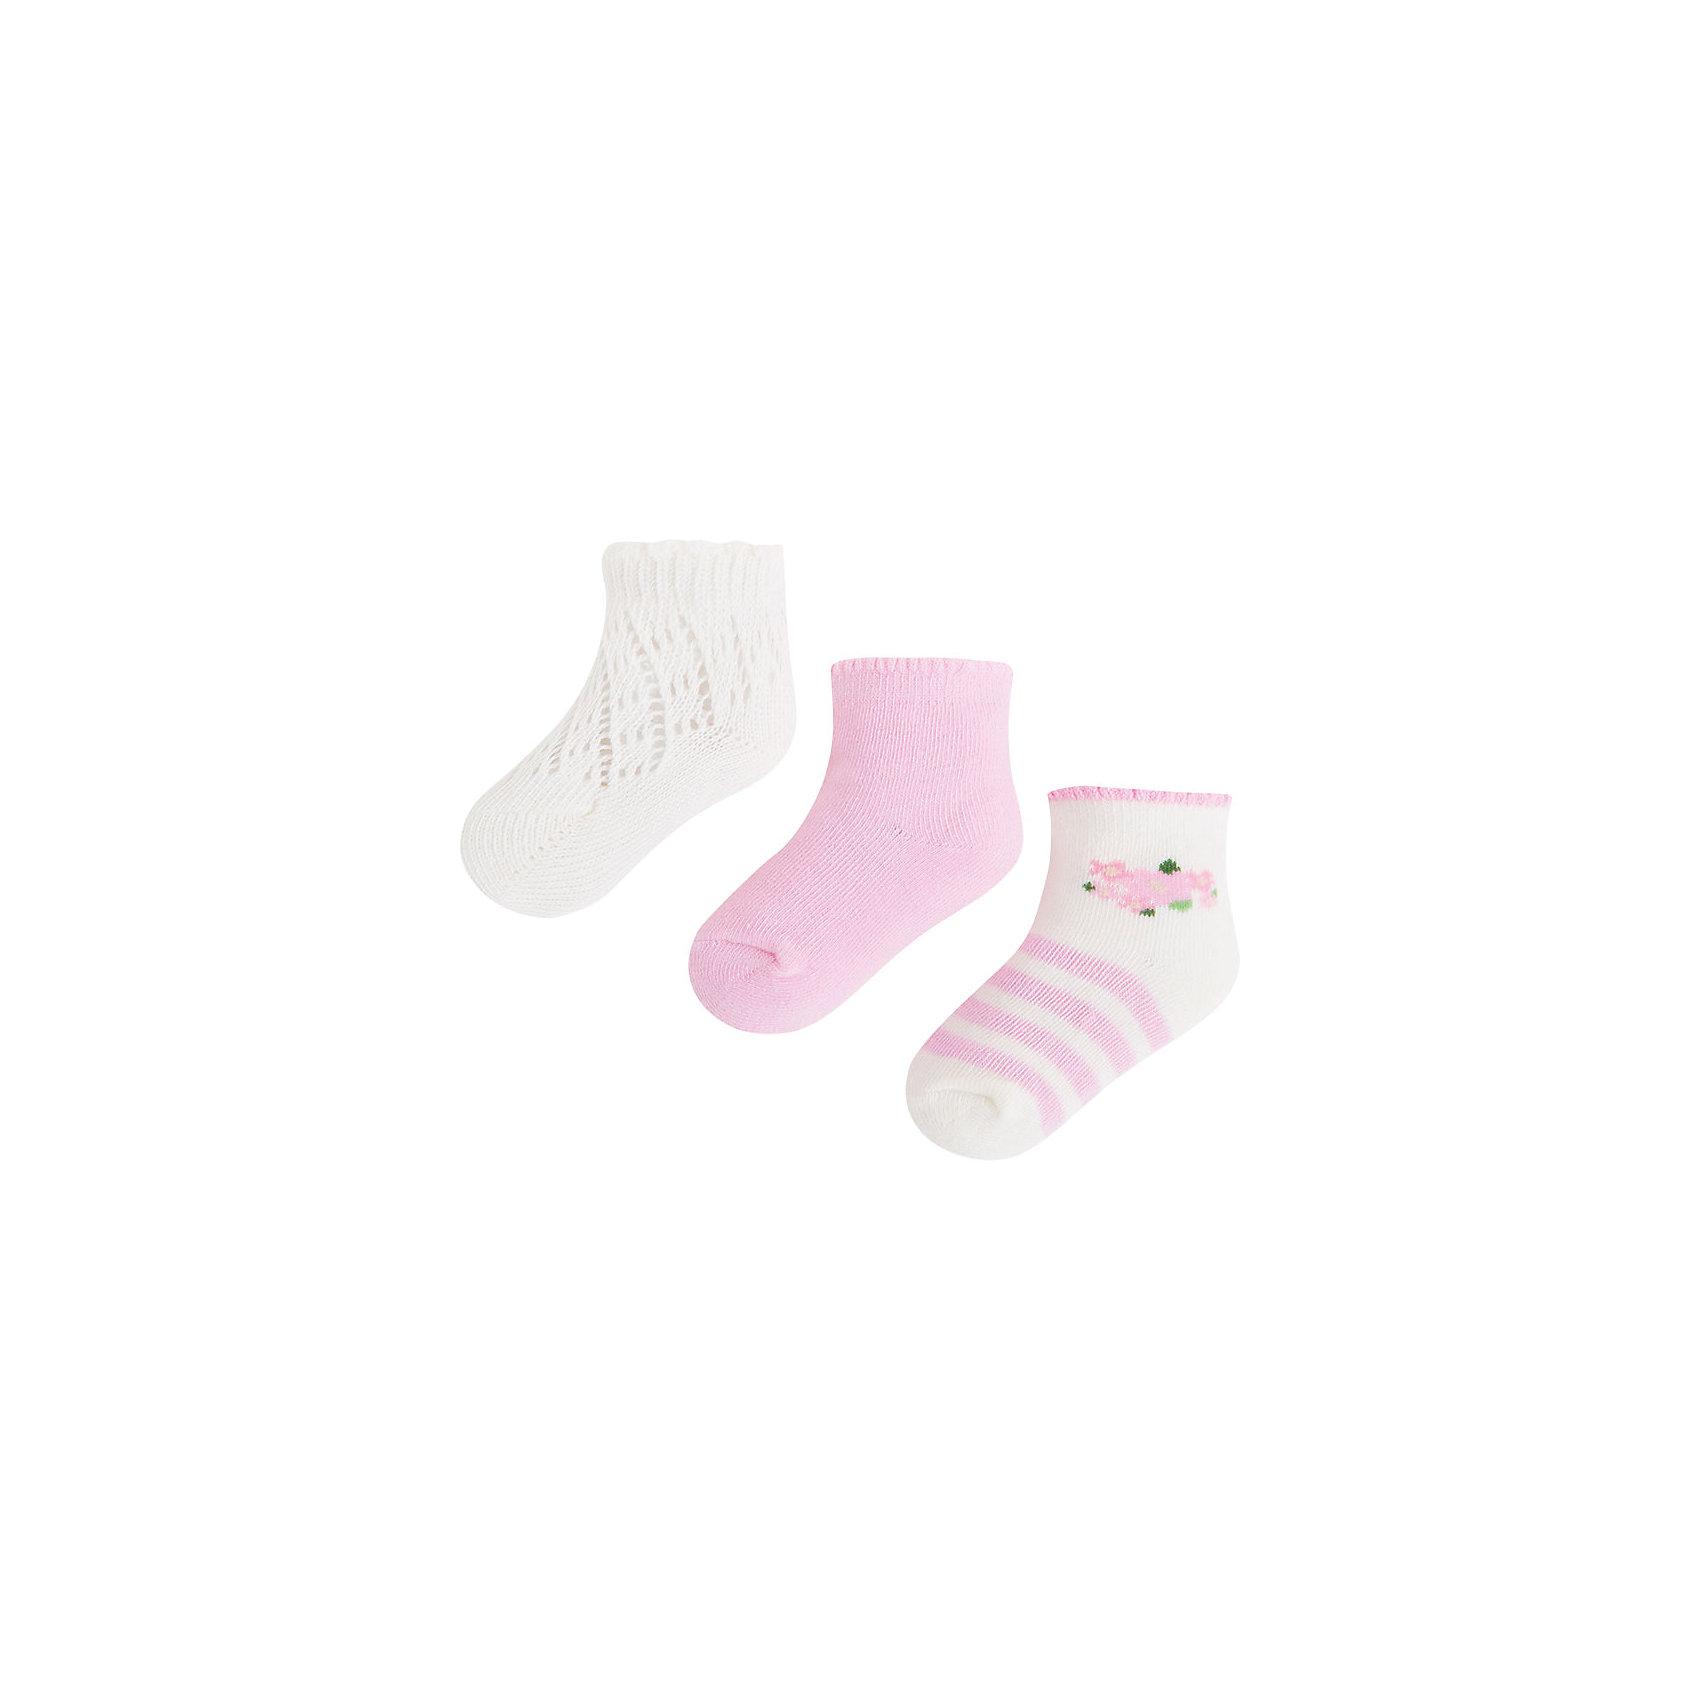 Носки для девочки, 3 пары MayoralНоски для девочки, 3 пары, от испанской марки Mayoral выполнены из мягкого трикотажного материала, хорошо облегают ногу.<br><br>Дополнительная информация:<br><br>- Мягкая трикотажная ткань.<br>- 3 дизайна:<br>- однотонные розовые; <br>- с принтом в полоску; <br>- белые с вязаным декором. <br>- Состав: 72% хлопок, 25% полиамид, 3% эластан.<br><br>Носки, 3 пары, для девочки Mayoral (Майорал) можно купить в нашем магазине.<br><br>Ширина мм: 162<br>Глубина мм: 171<br>Высота мм: 55<br>Вес г: 119<br>Цвет: розовый<br>Возраст от месяцев: 18<br>Возраст до месяцев: 24<br>Пол: Женский<br>Возраст: Детский<br>Размер: 2,0,1<br>SKU: 4563612